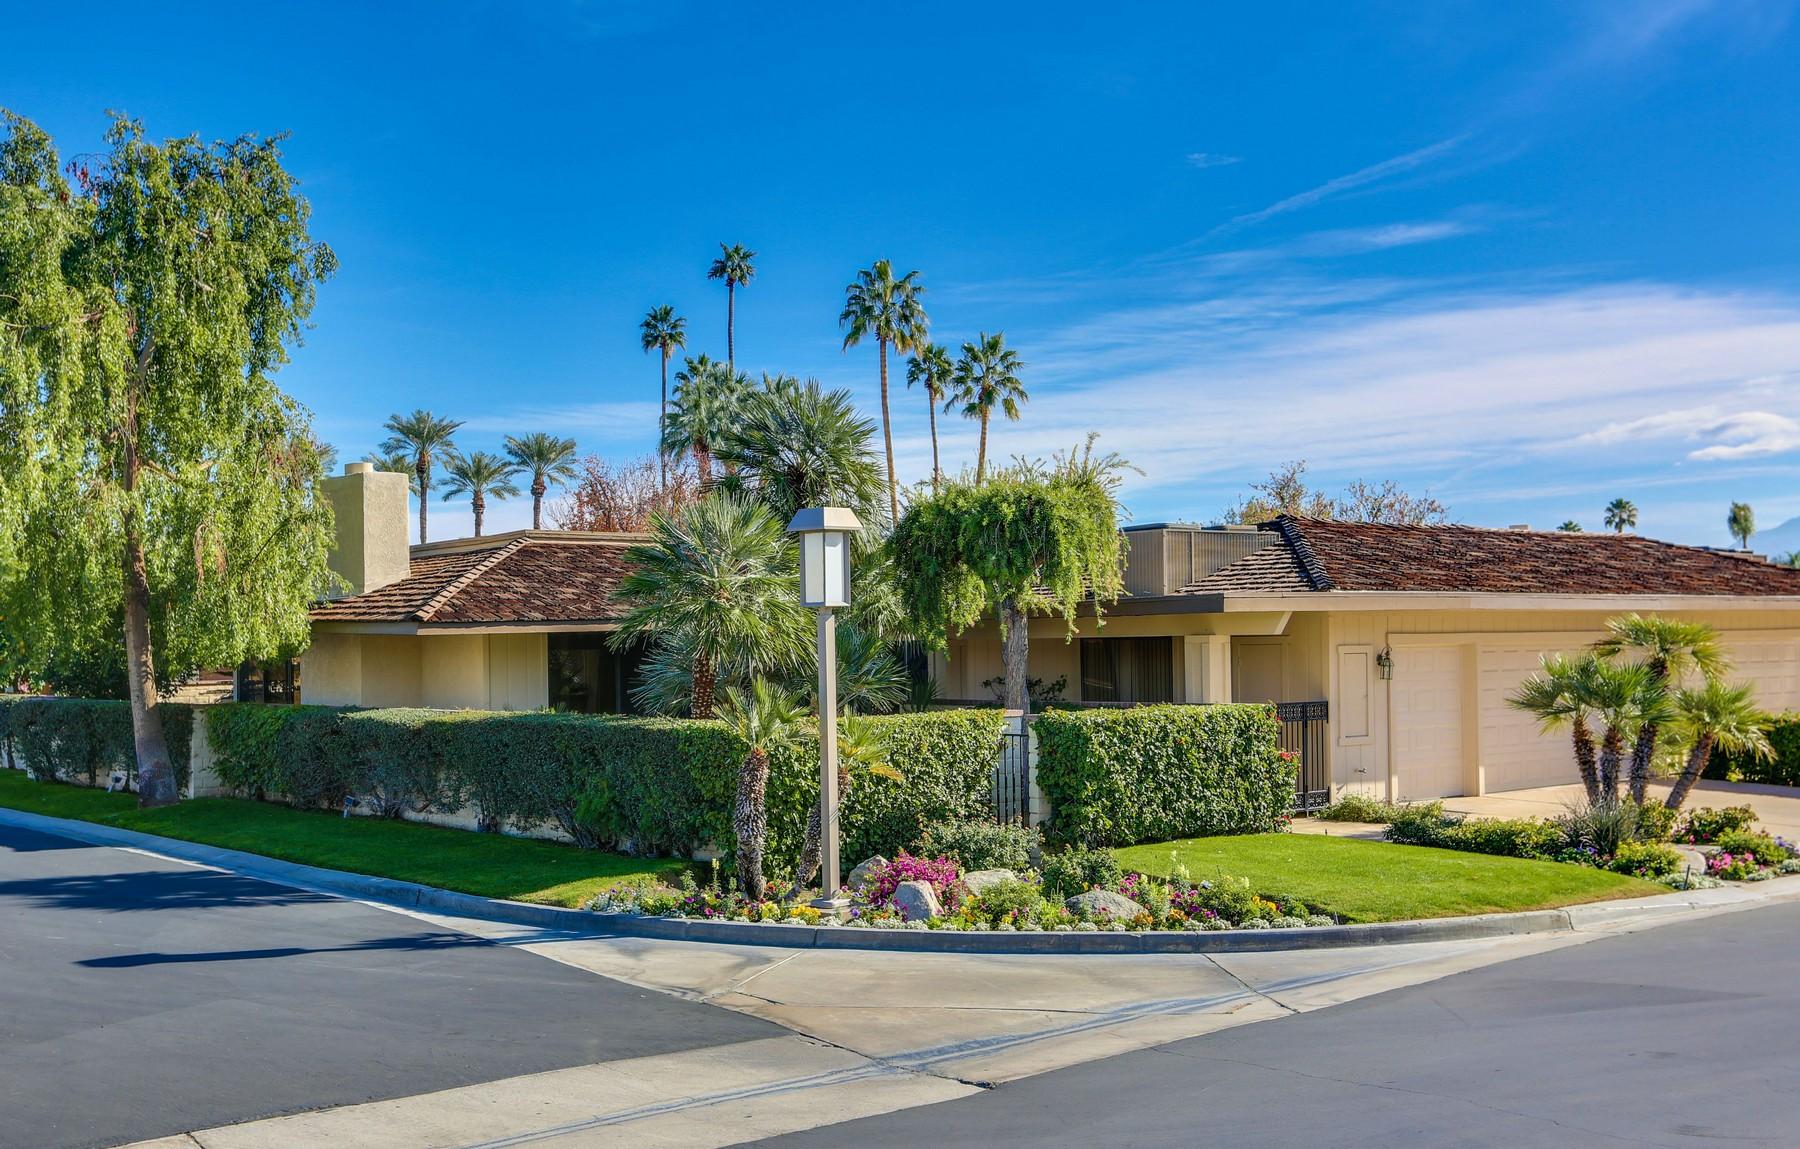 独户住宅 为 销售 在 35 Princeton Drive Rancho Mirage, 加利福尼亚州, 92270 美国